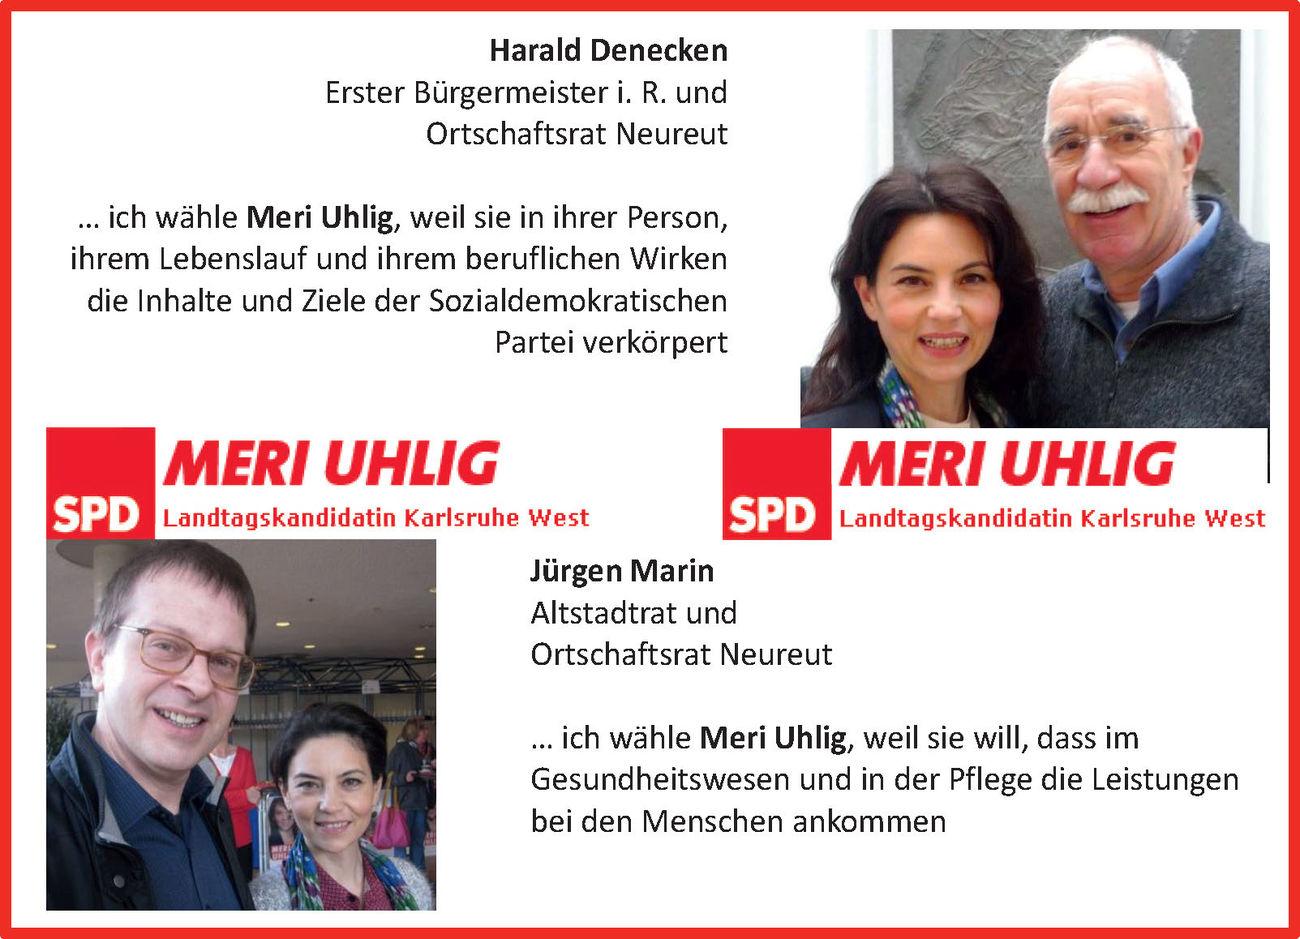 Harald Denecken und Jürgen Marin für Meri Uhlig